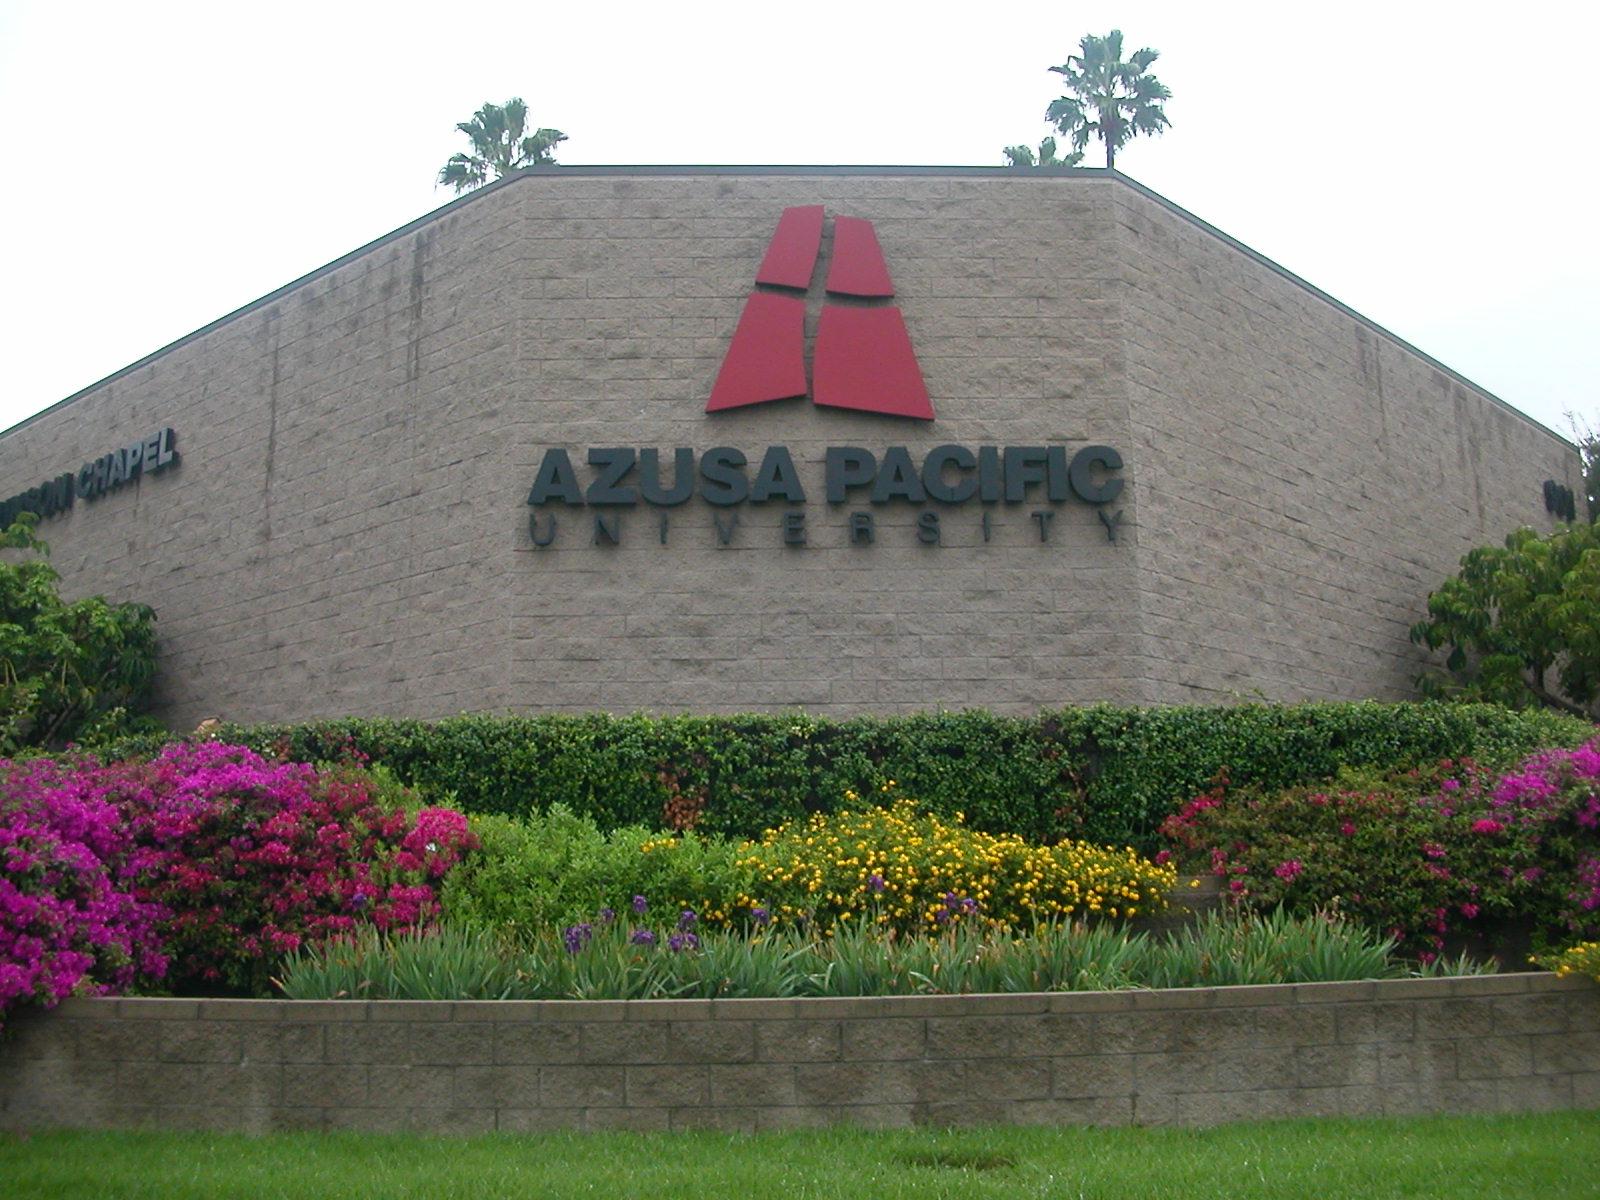 阿兹塞太平洋大学  Azusa Pacific University